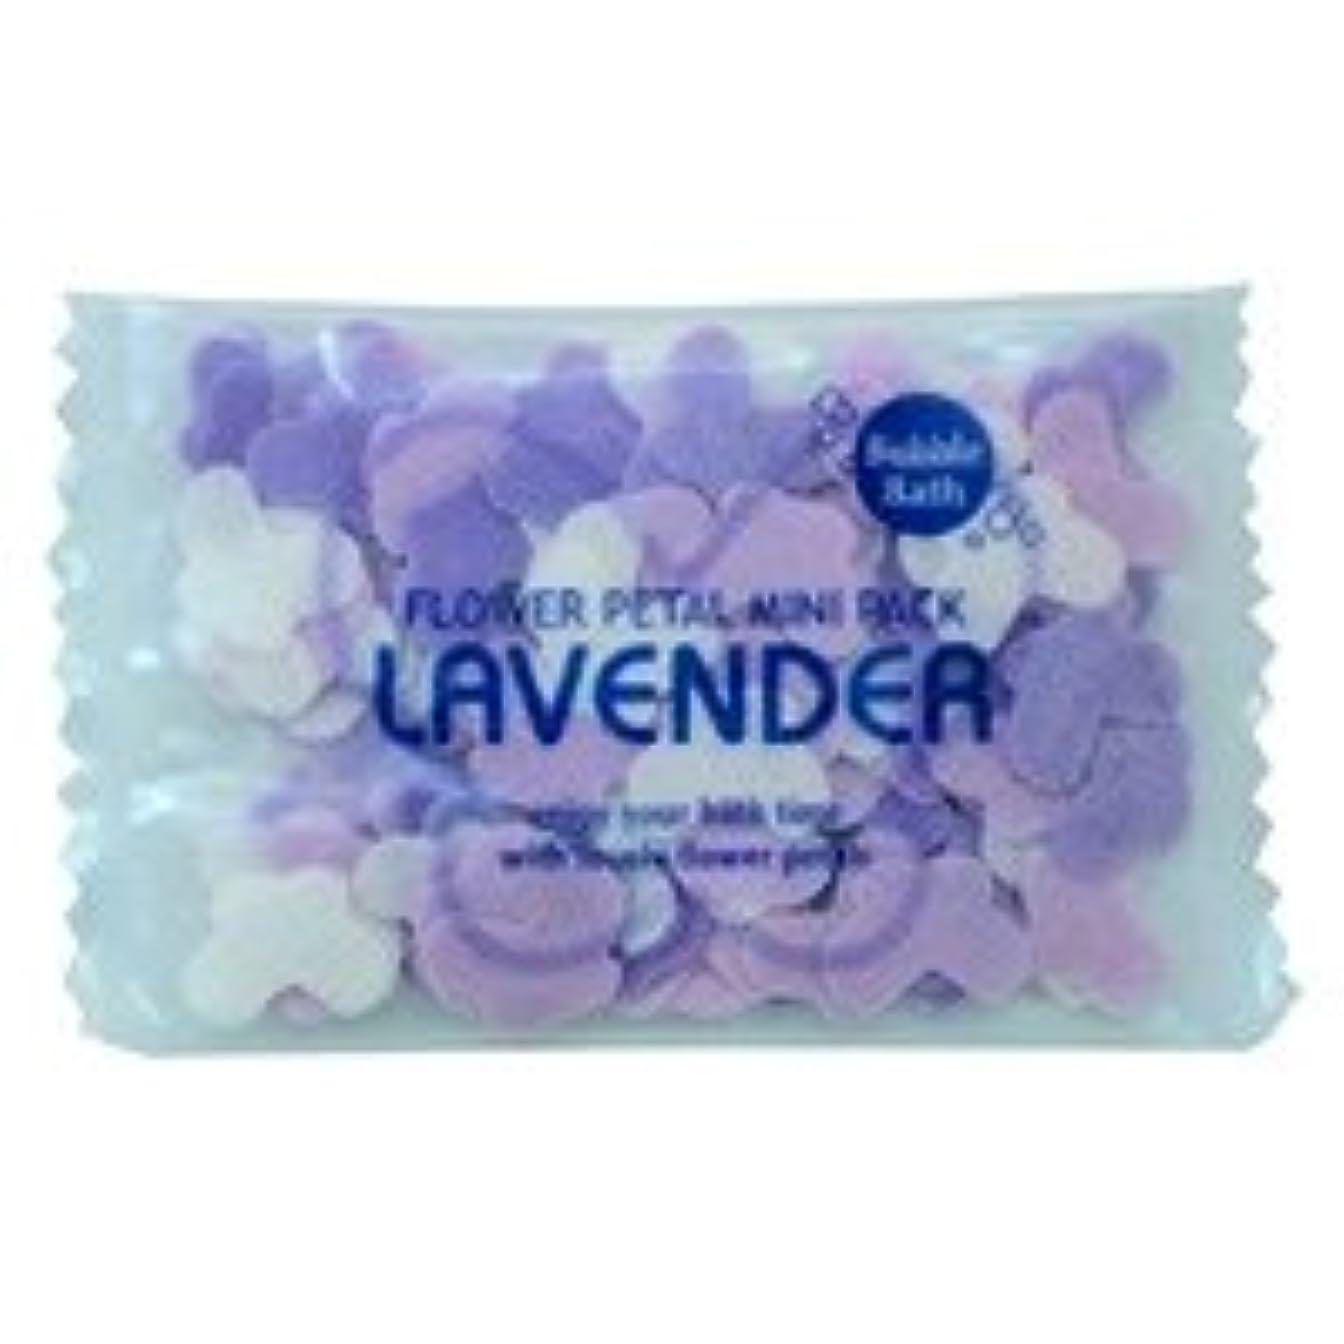 仲人彼女パドルフラワーペタル バブルバス ミニパック「ラベンダー」20個セット ゆったりリラックスしたい日に心を癒してくれるやさしいラベンダーの香り